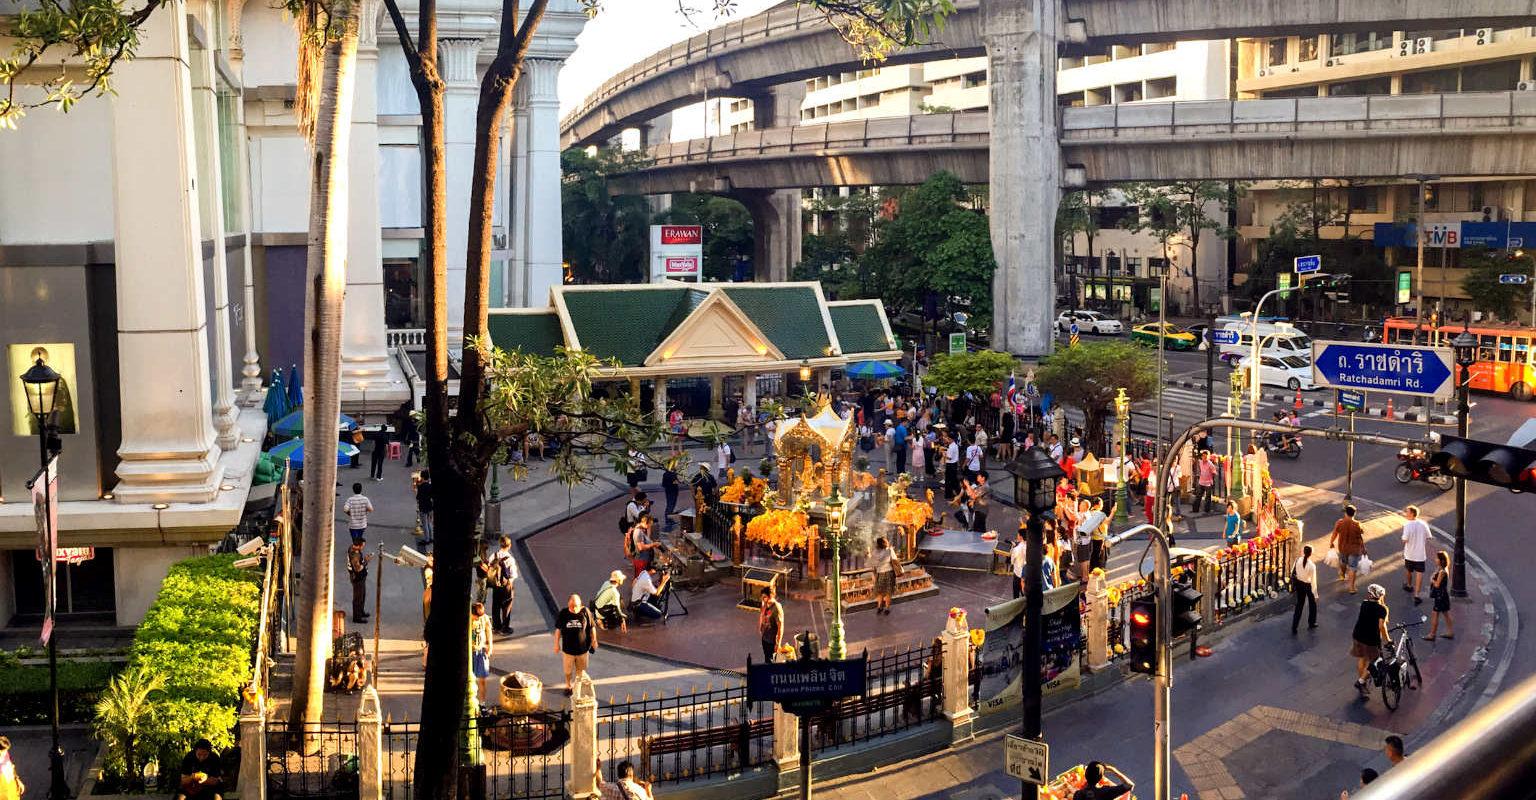 Siam Square in Bangkok, Erawan Shrine